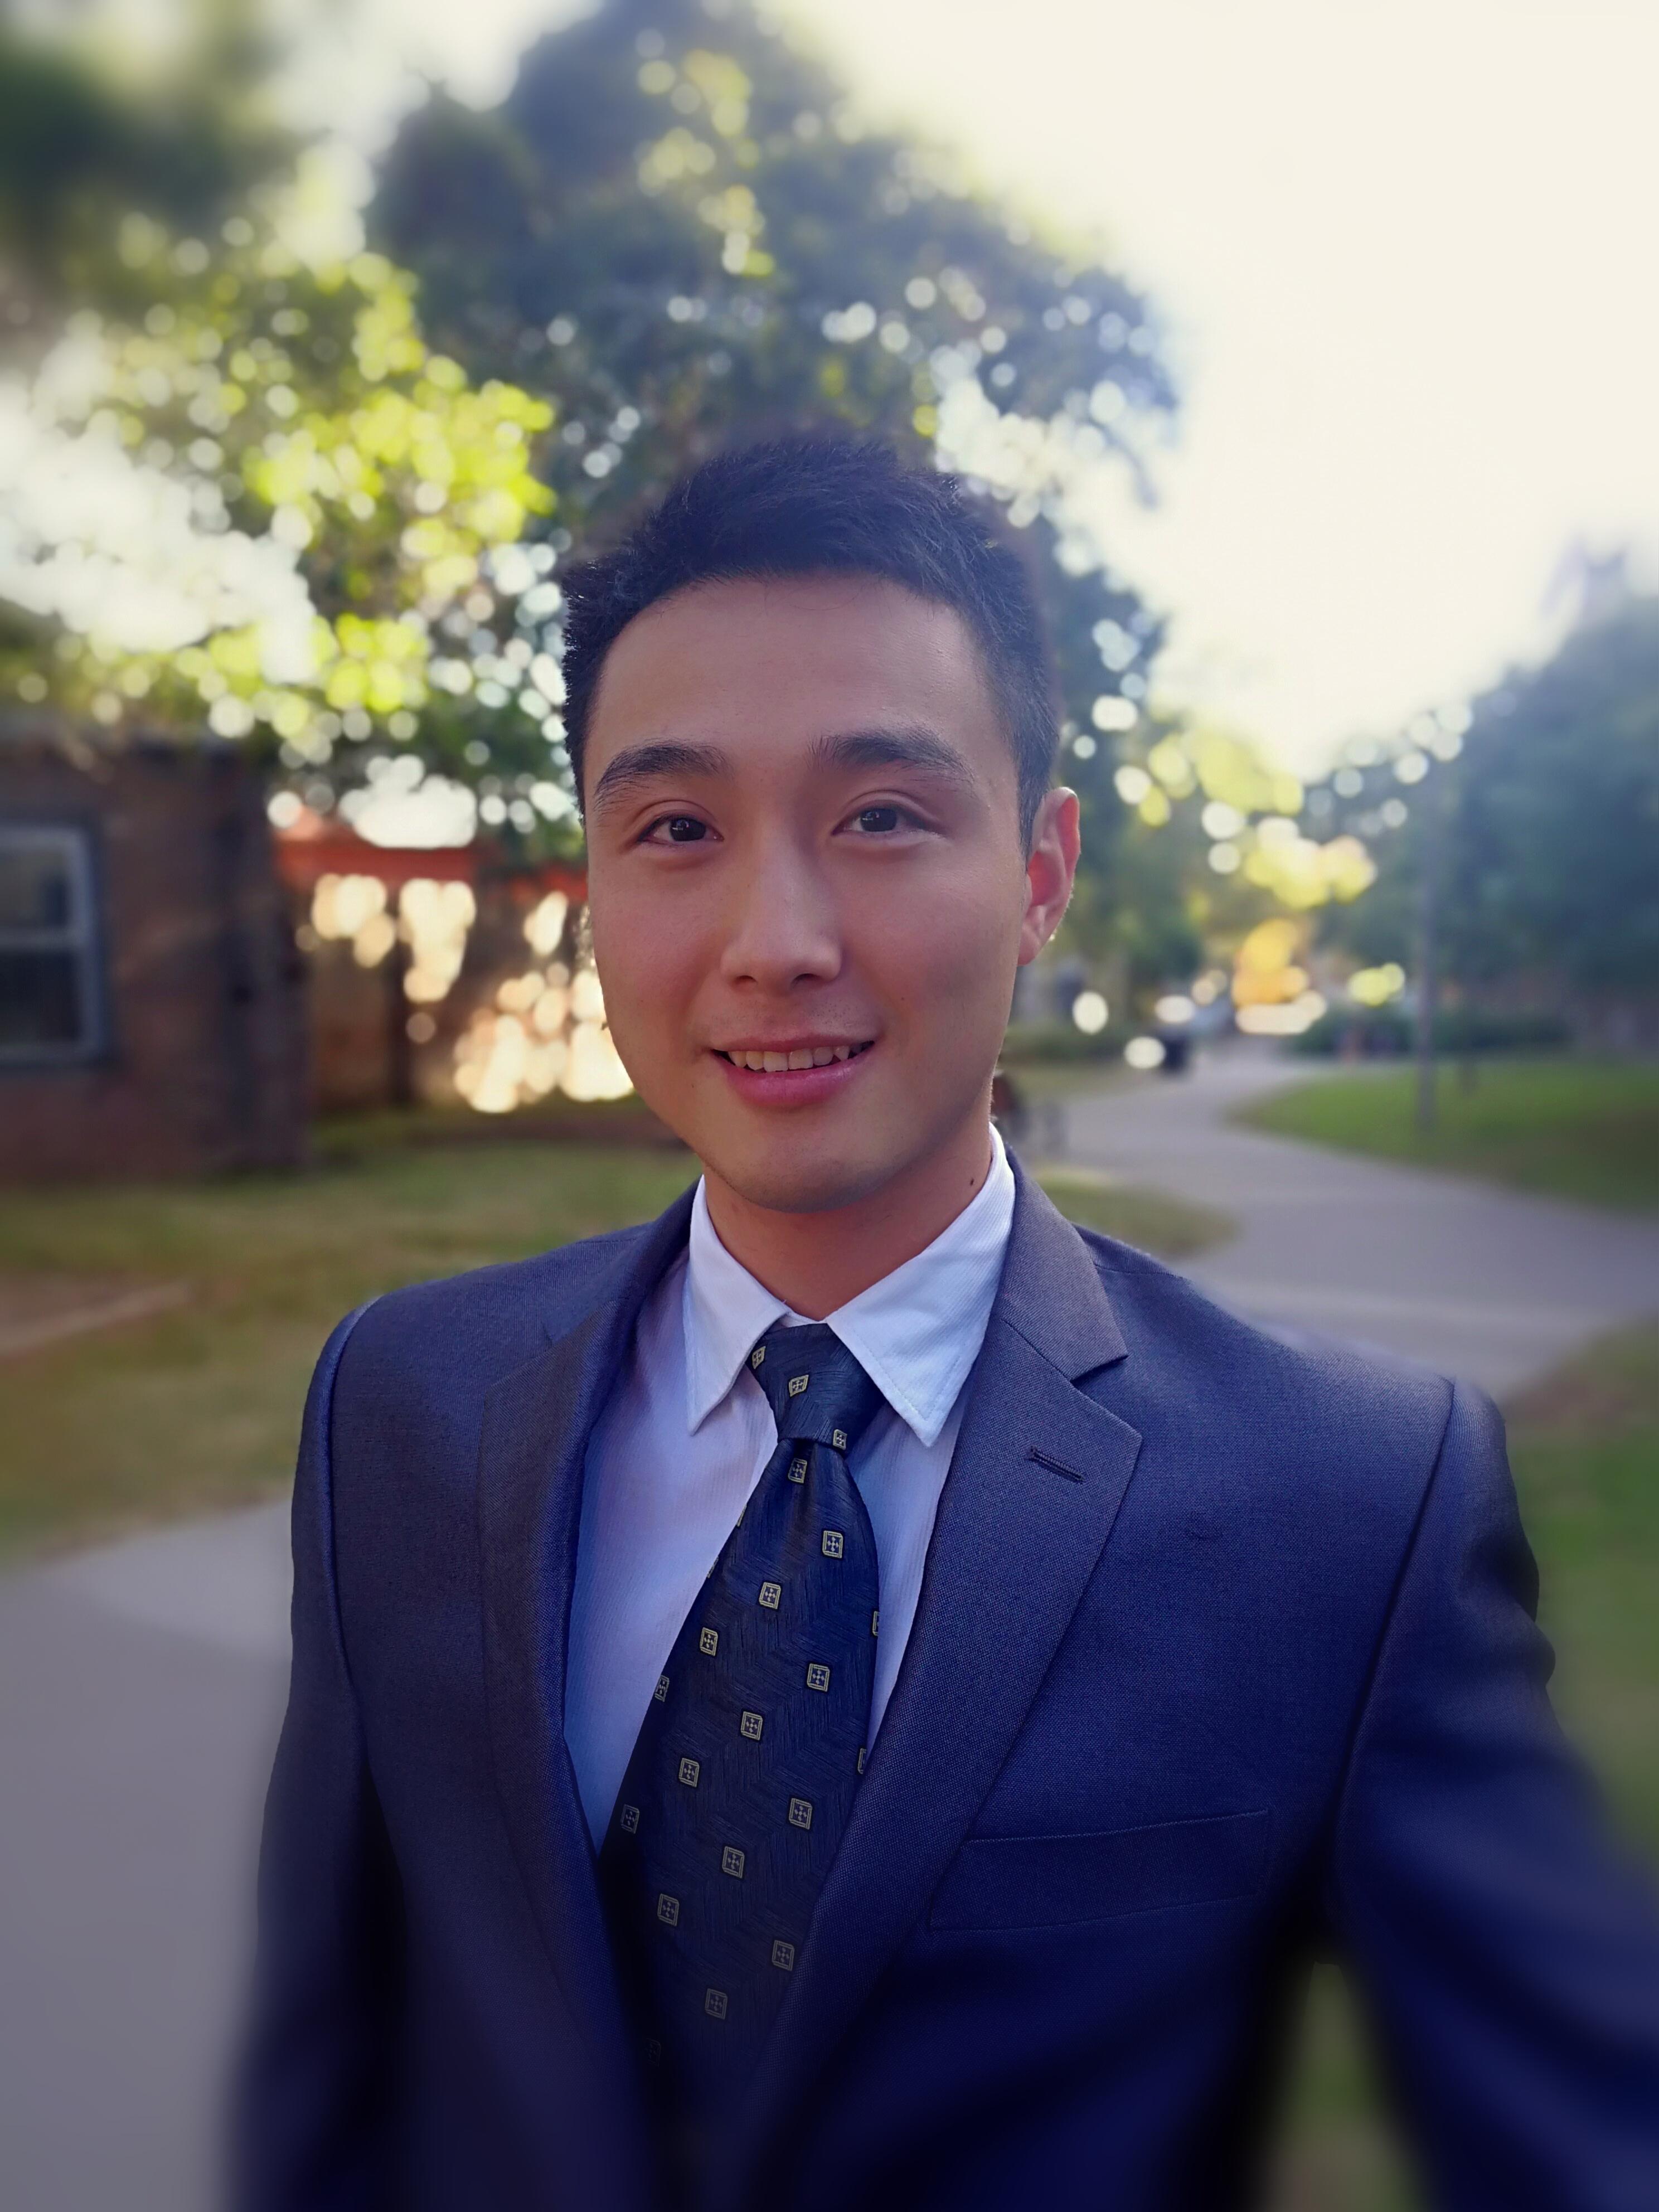 Tony Jiang